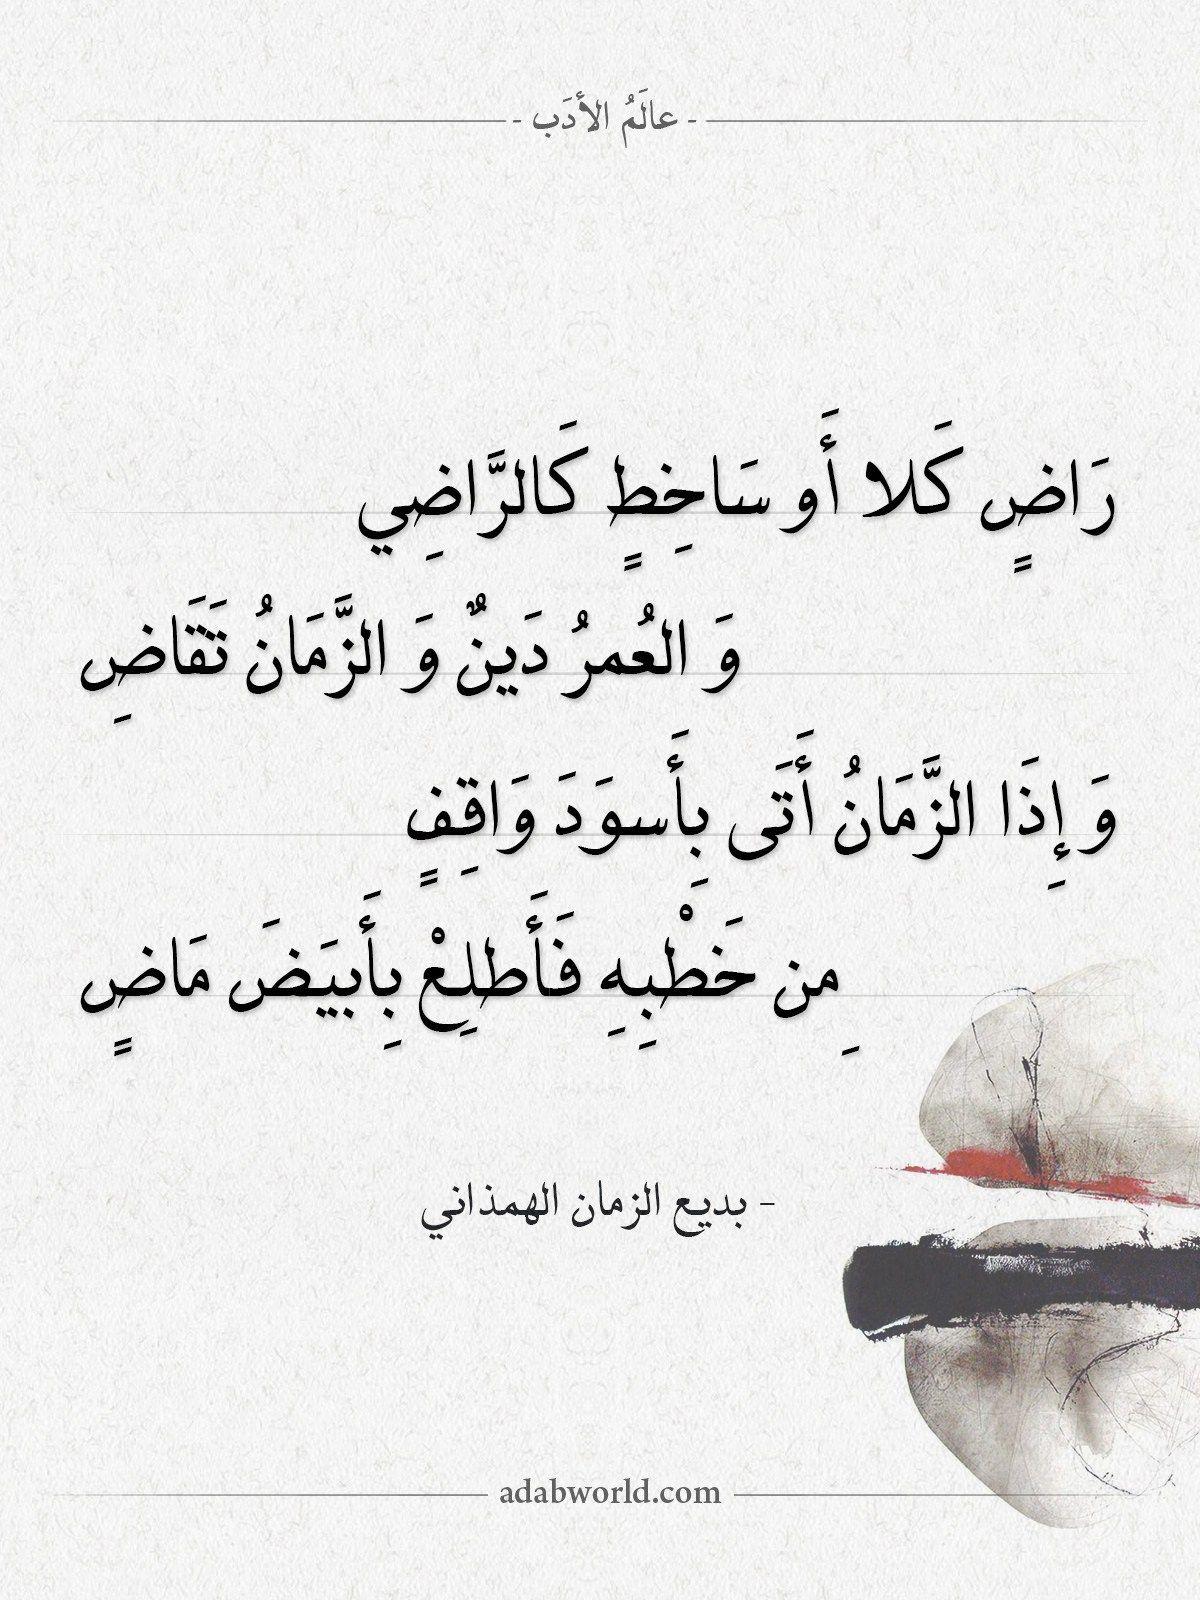 شعر بديع الزمان الهمذاني راض كلا أو ساخط كالراضي عالم الأدب In 2021 Quotes Arabic Quotes Math